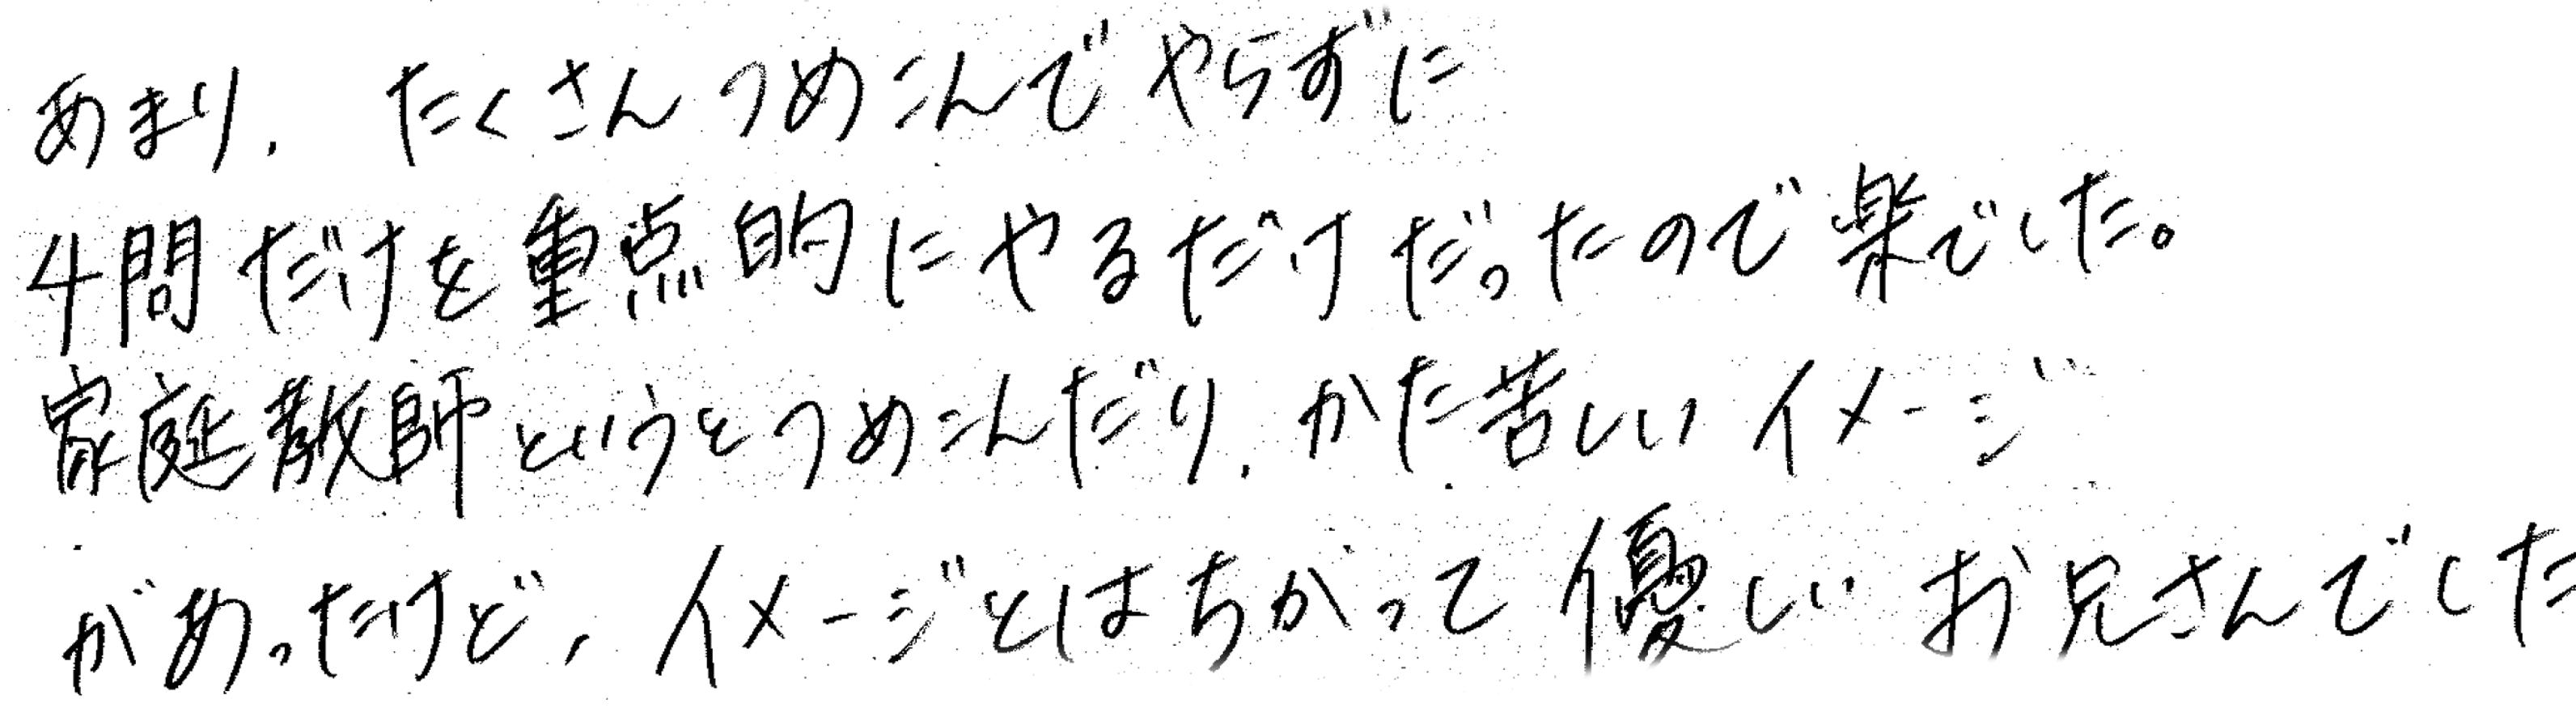 キリコちゃん(伊万里市)からの口コミ